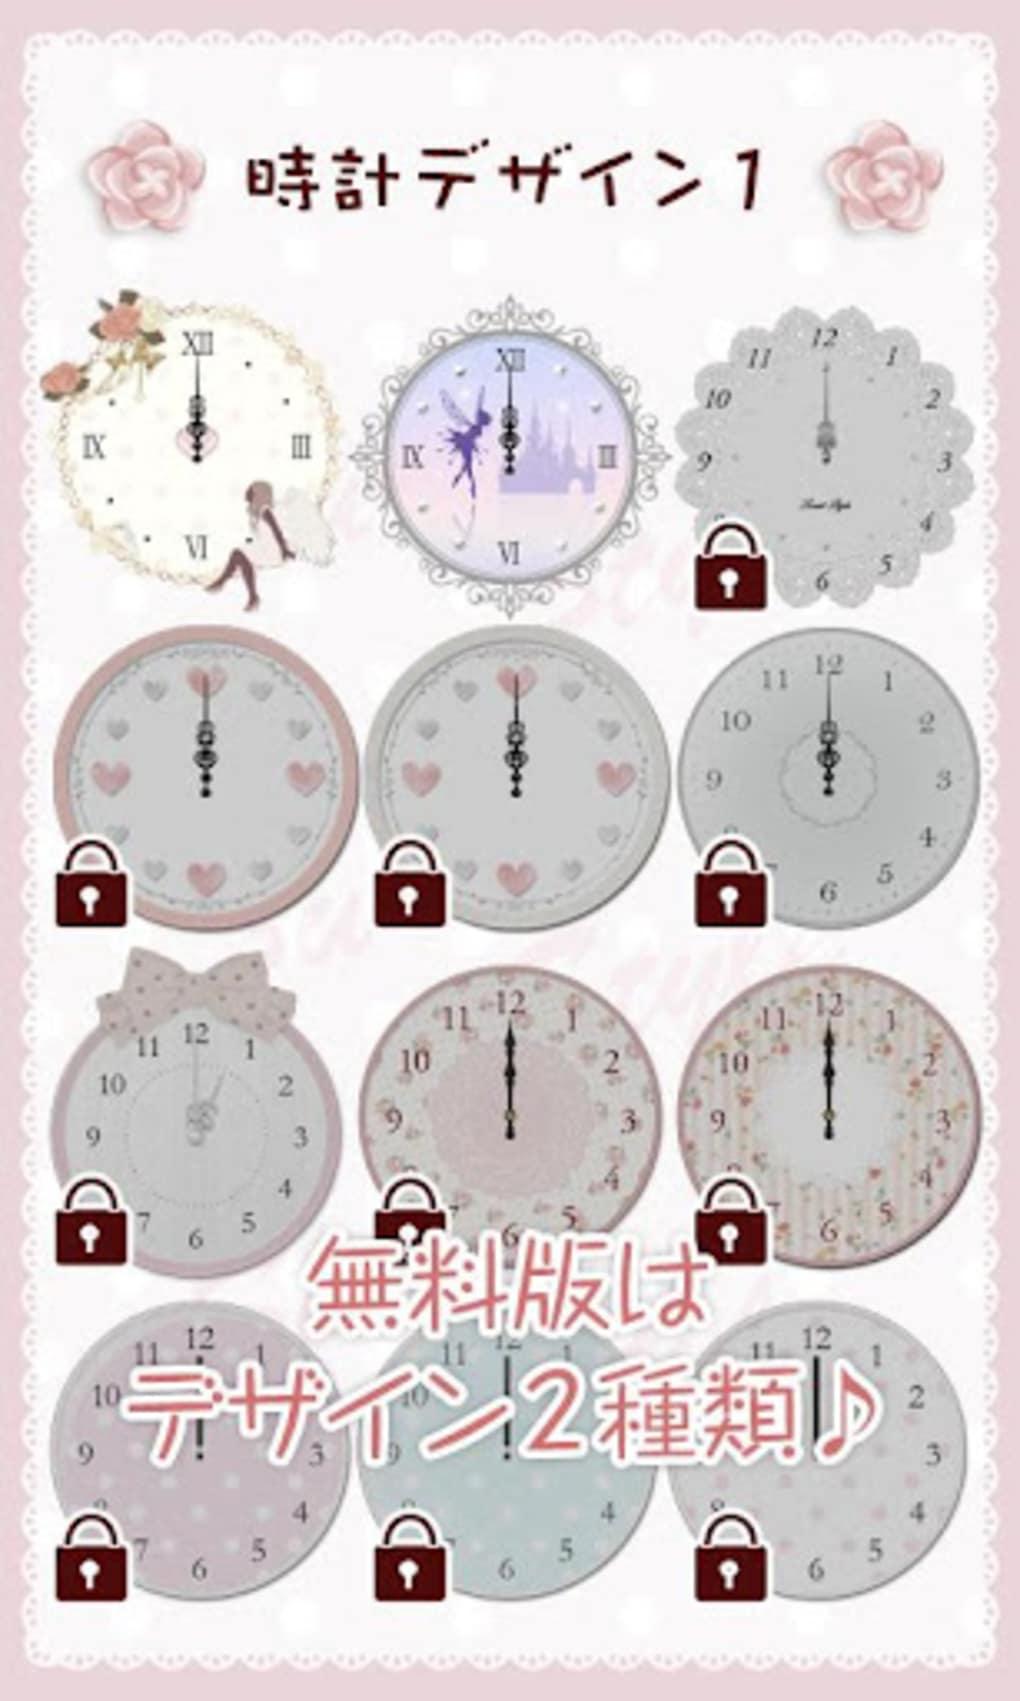 【Appliv】シンプルなアナログ時計ウィジェット無料